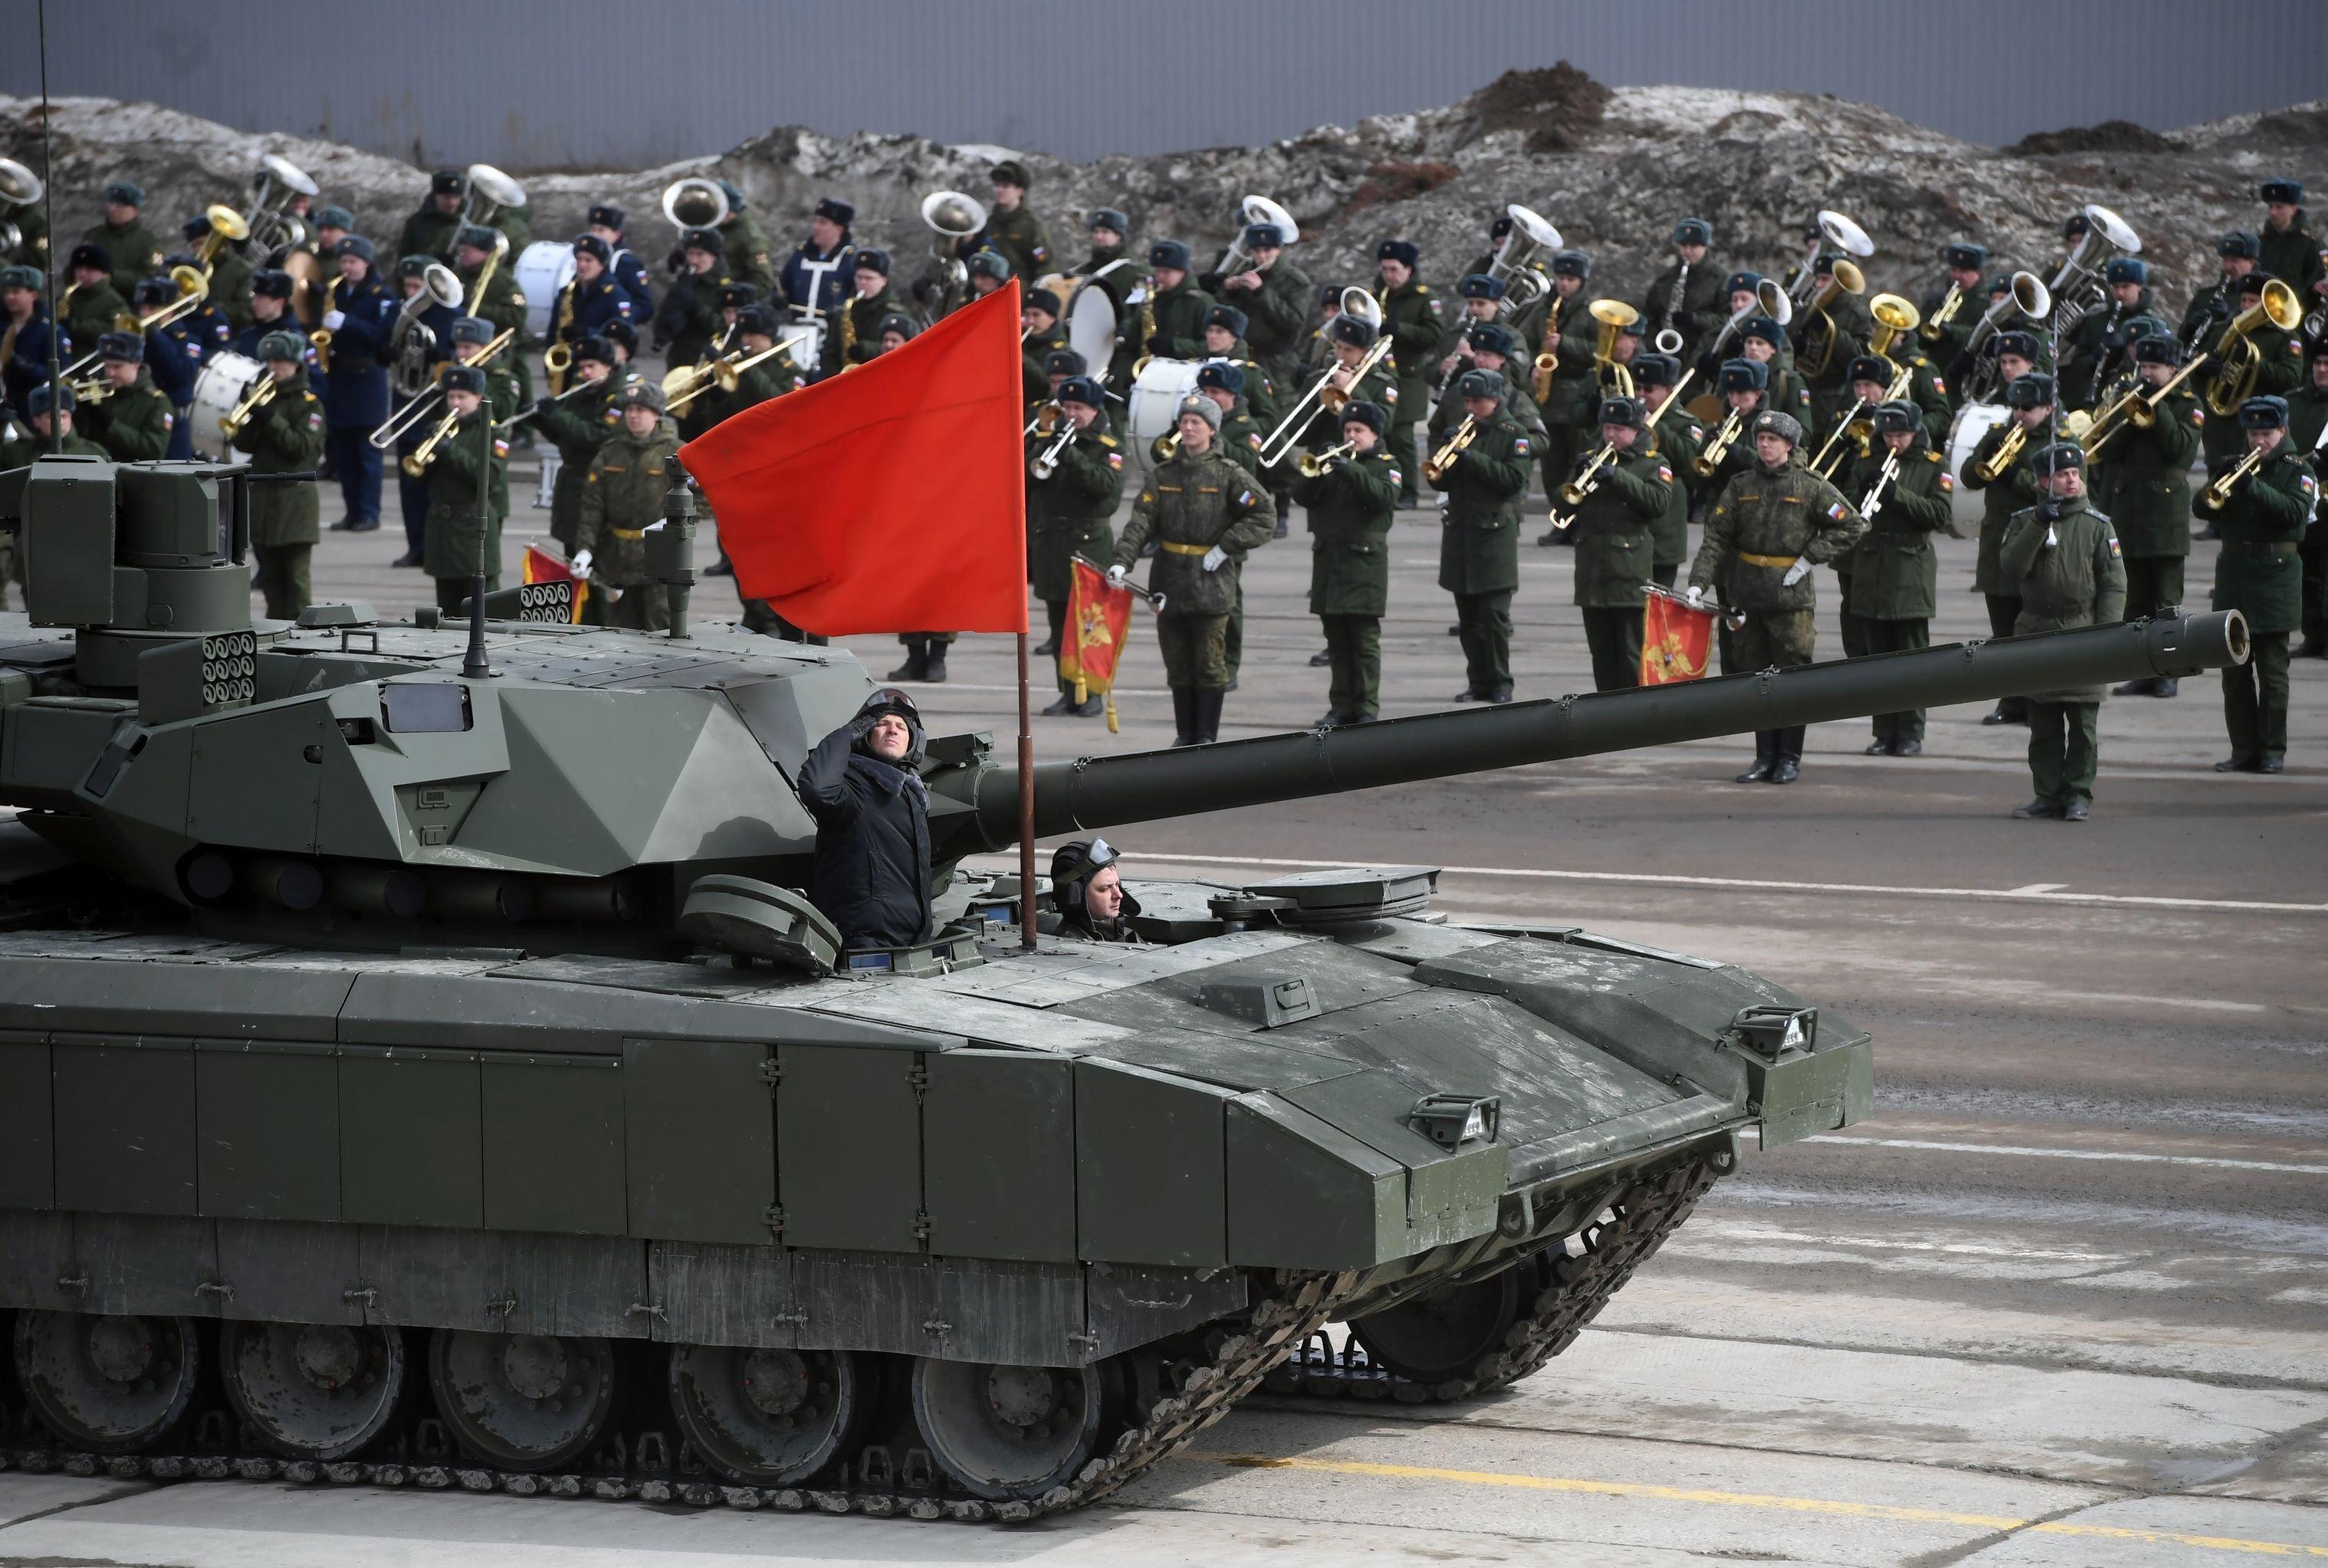 Il carro armato T-14 Armata durante le prove della Parata della Vittoria nel poligono di Alabino 2017